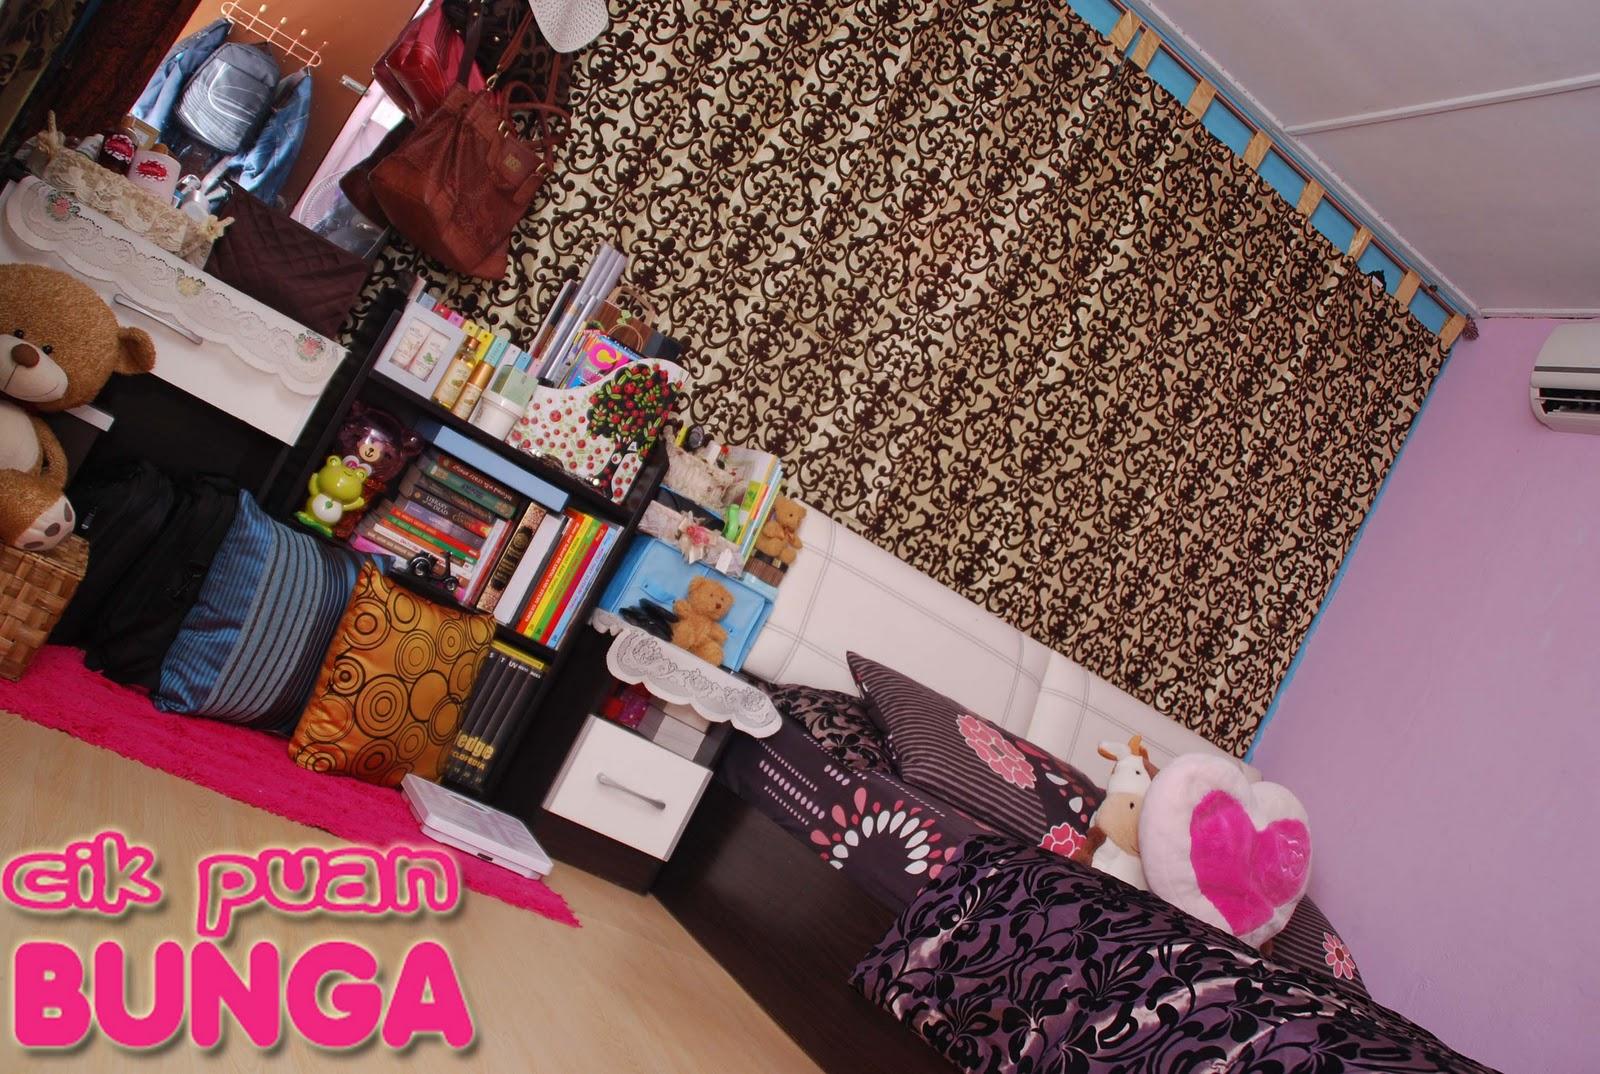 Mari Menghias R Tidur Sebagai Tempat Dating Paling Efisyen Yieha Geek In The Pink